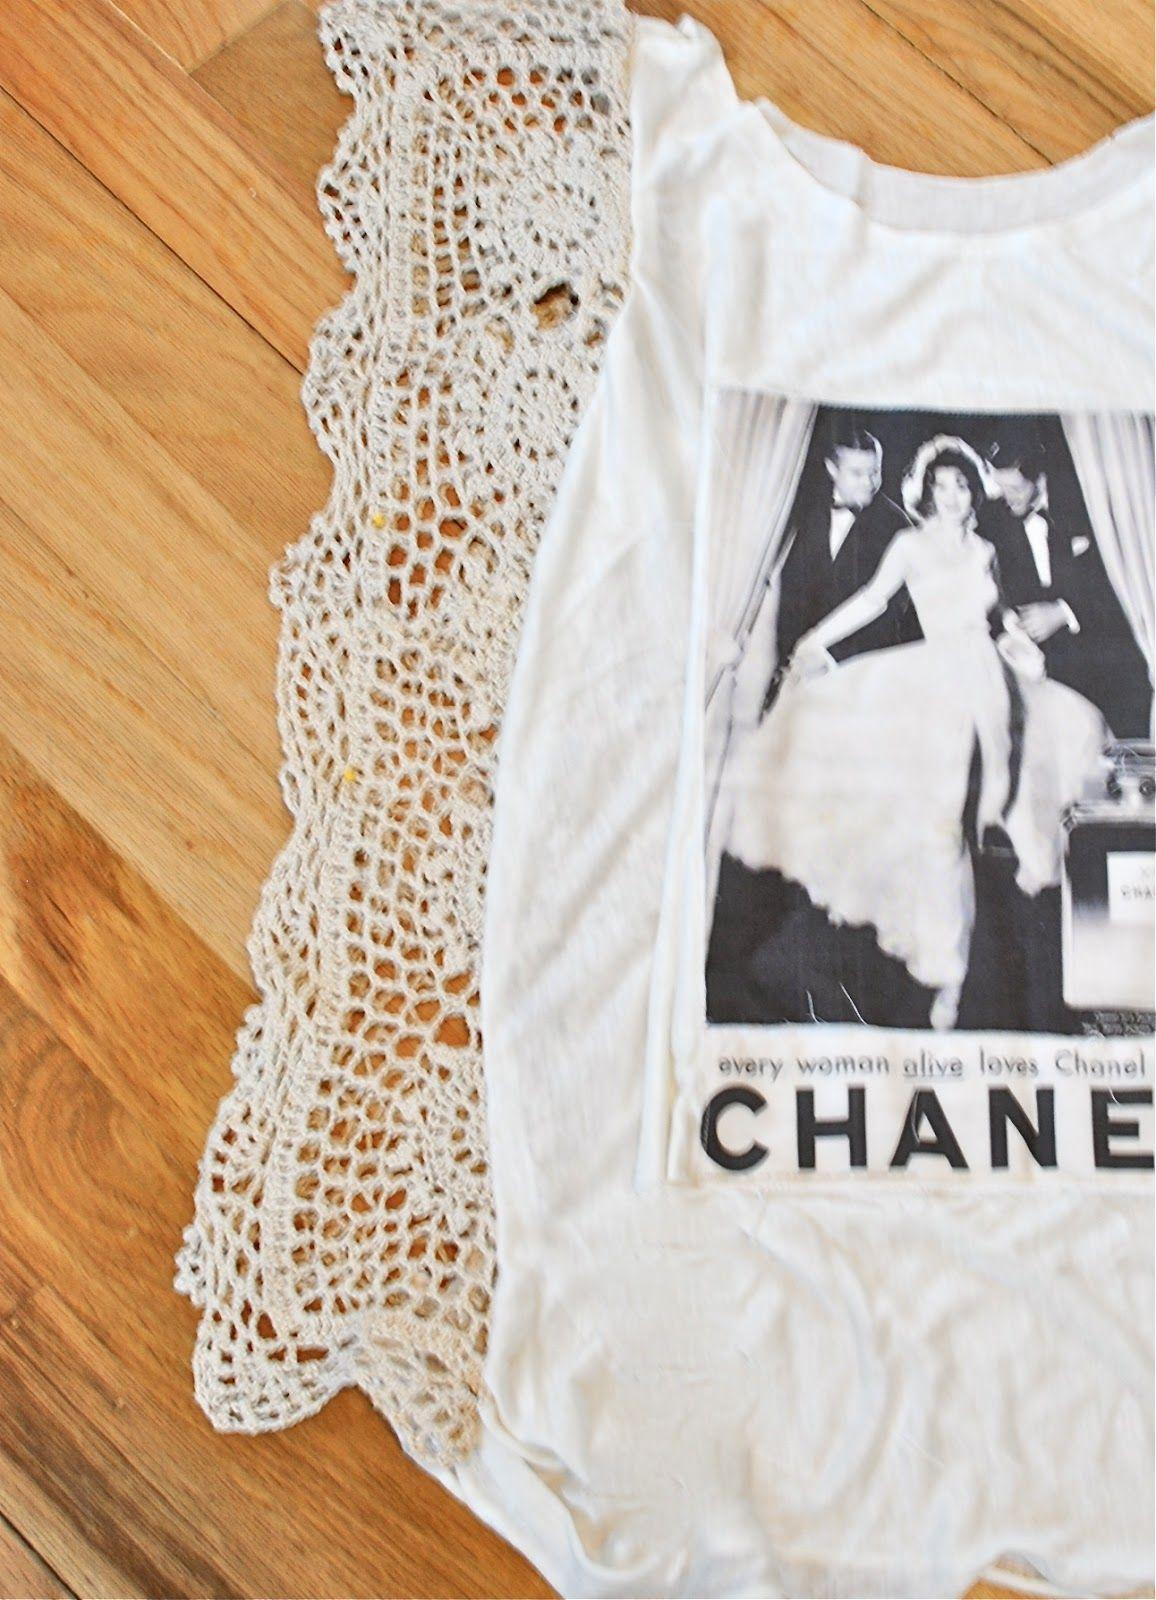 Dyi tshirt refashion with crochet trim seam diy shirt